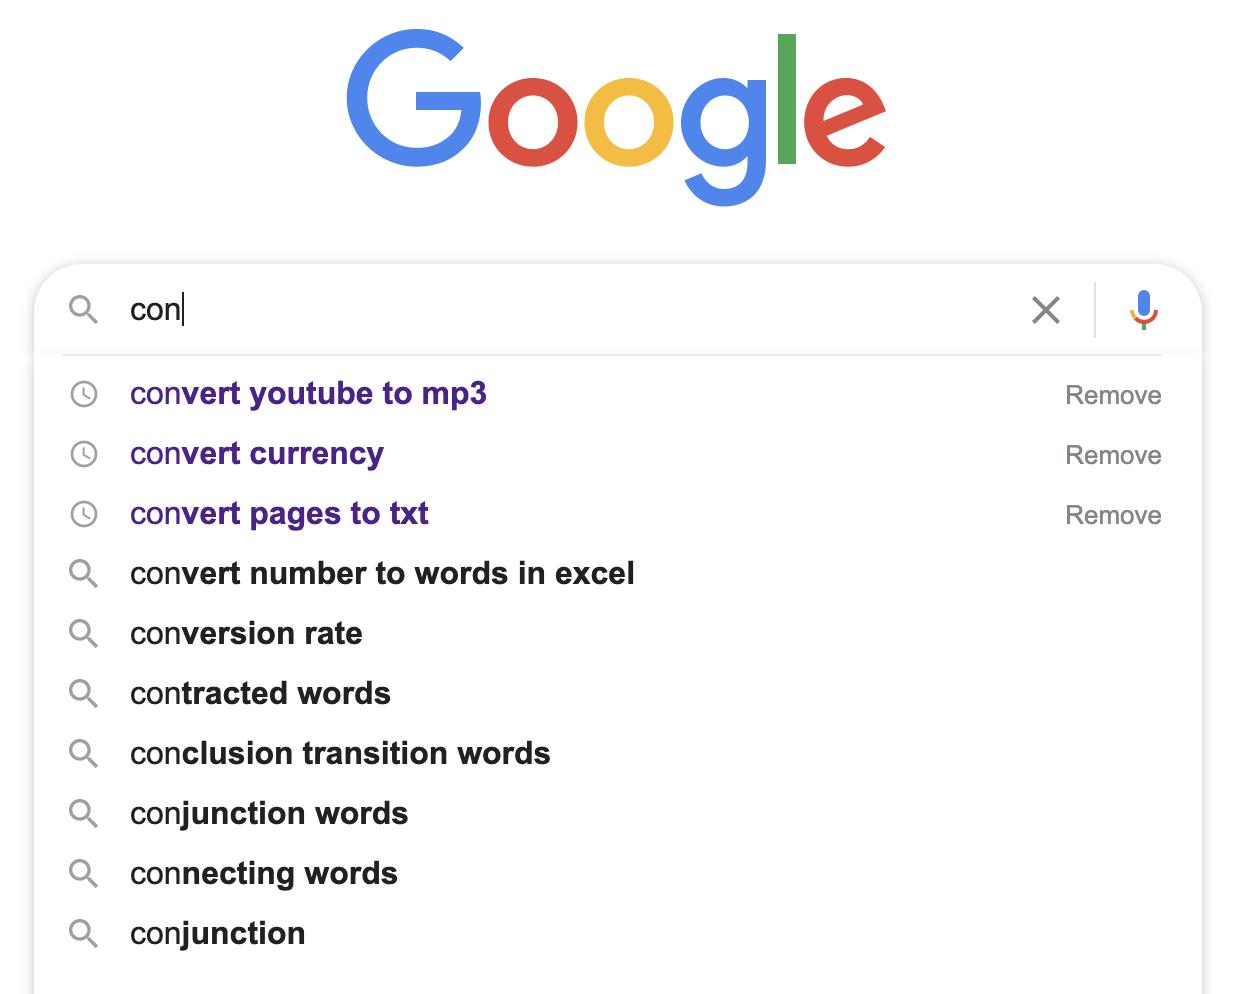 iamautocomplete: Influence Google Autocomplete